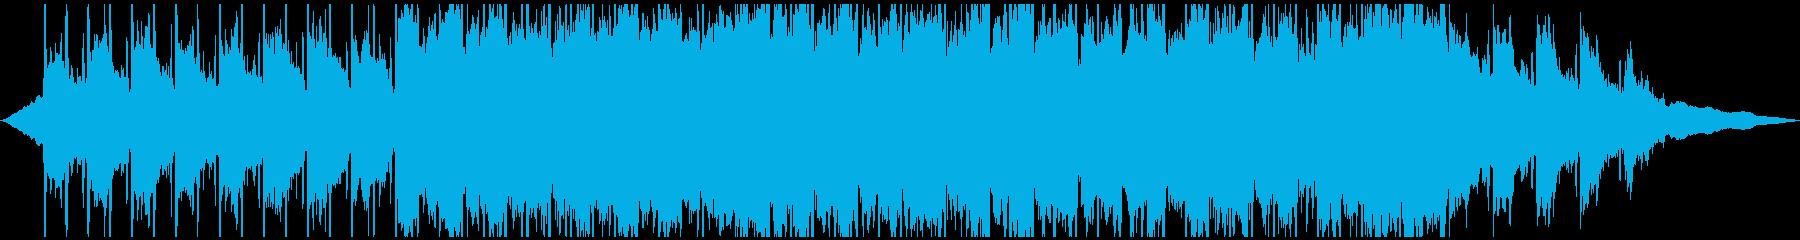 アンビエントミュージック あたたか...の再生済みの波形